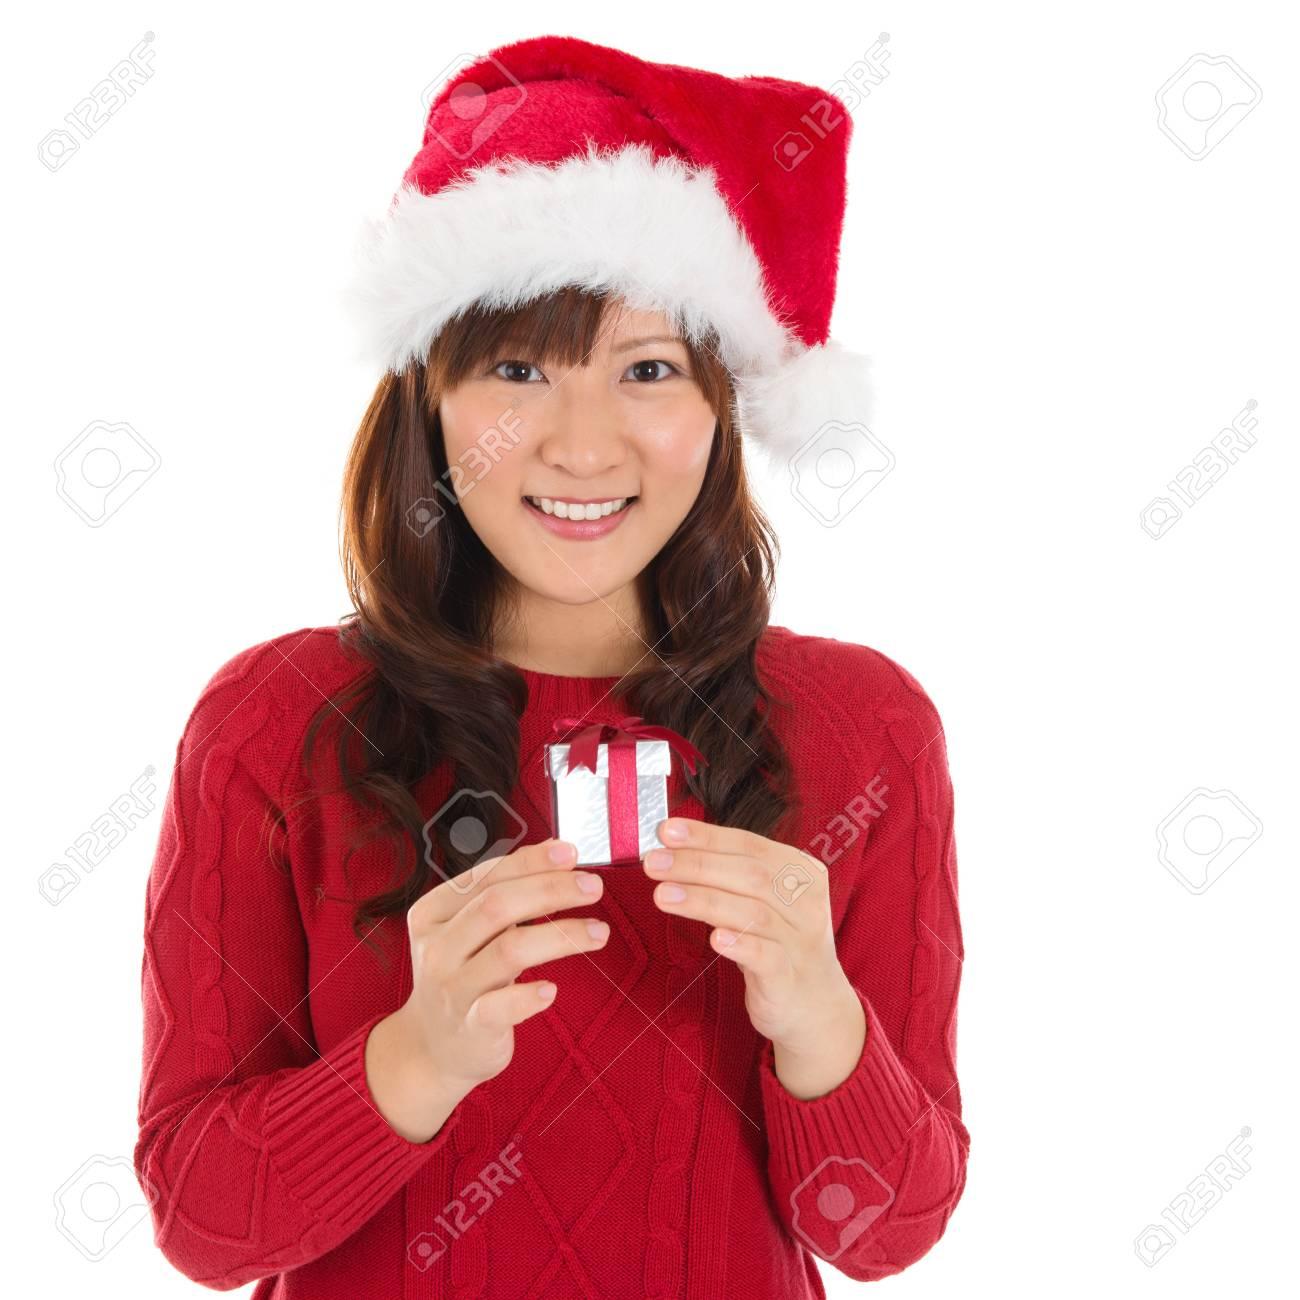 Weihnachtsmütze Weihnachtsfrau Hält Weihnachtsgeschenk Lächelt ...